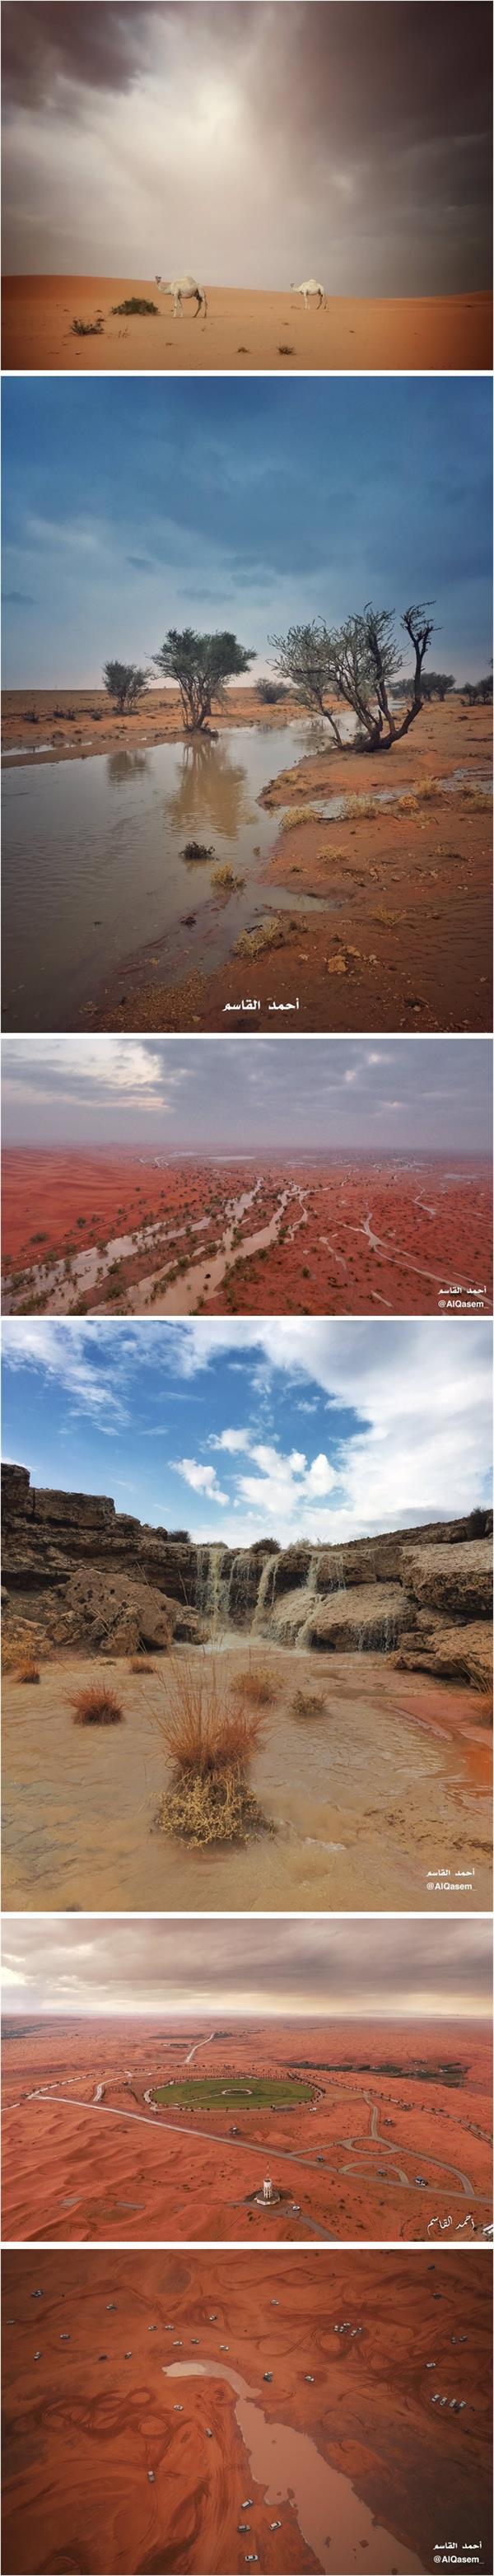 مصور يلاحق السحب والأمطار في الصحراء ليوثق مشاهد جمالية فريدة في المملكة (صور)